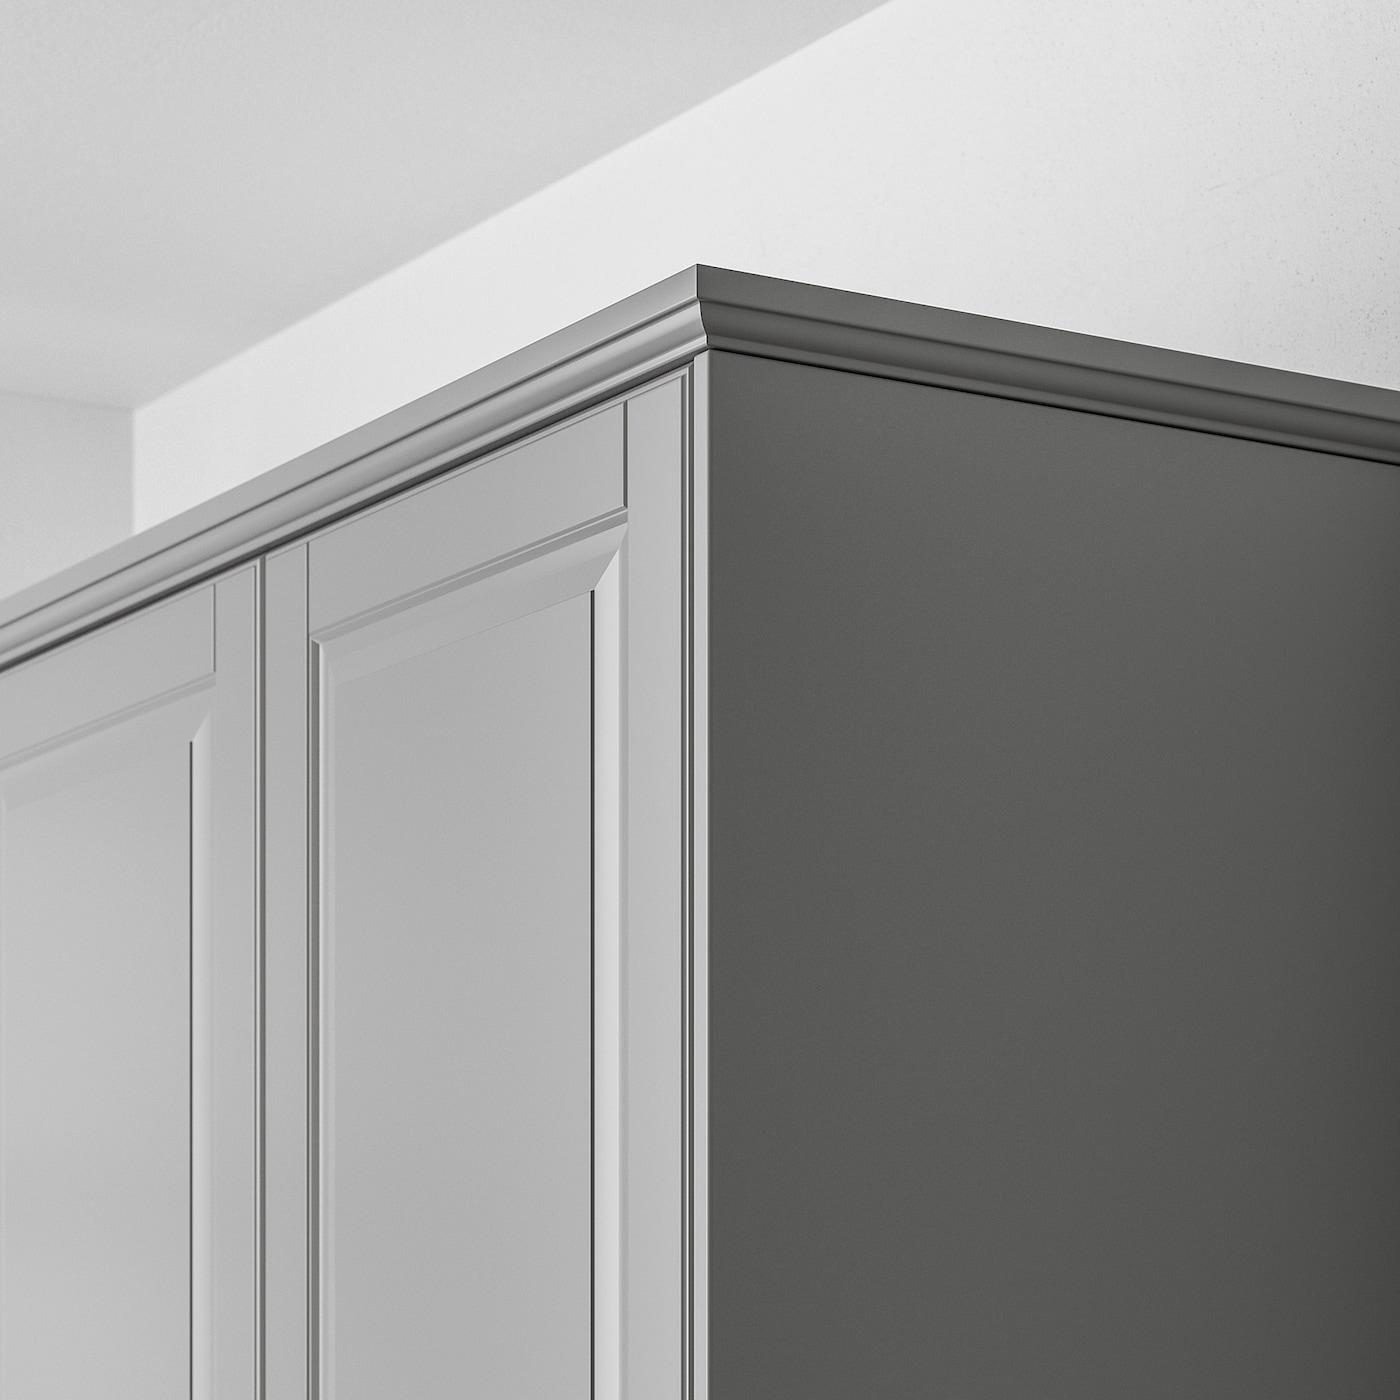 Bodbyn Dekorleiste Profiliert Grau Ikea Deutschland